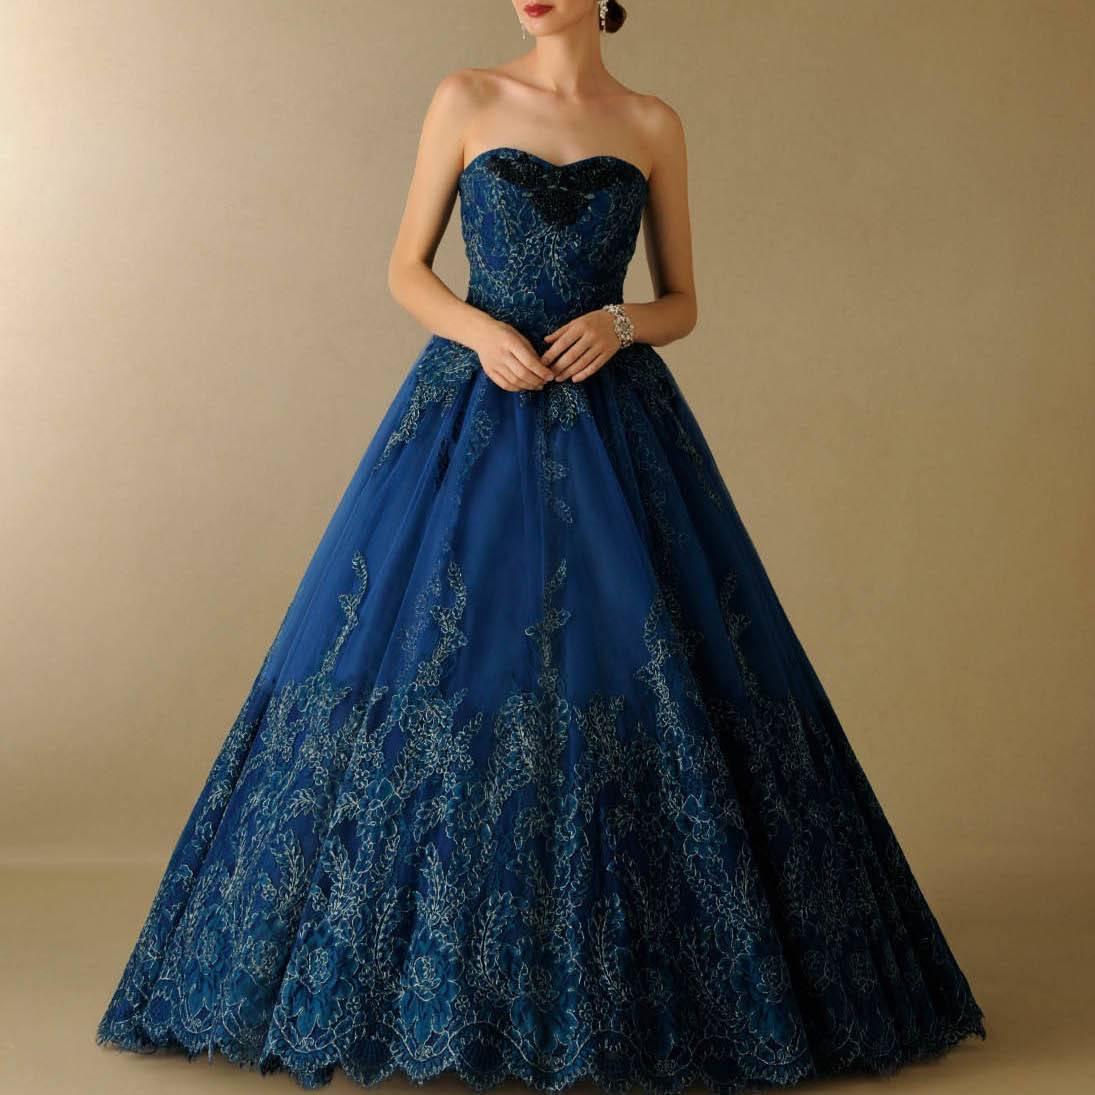 コードレースのウェディングドレス